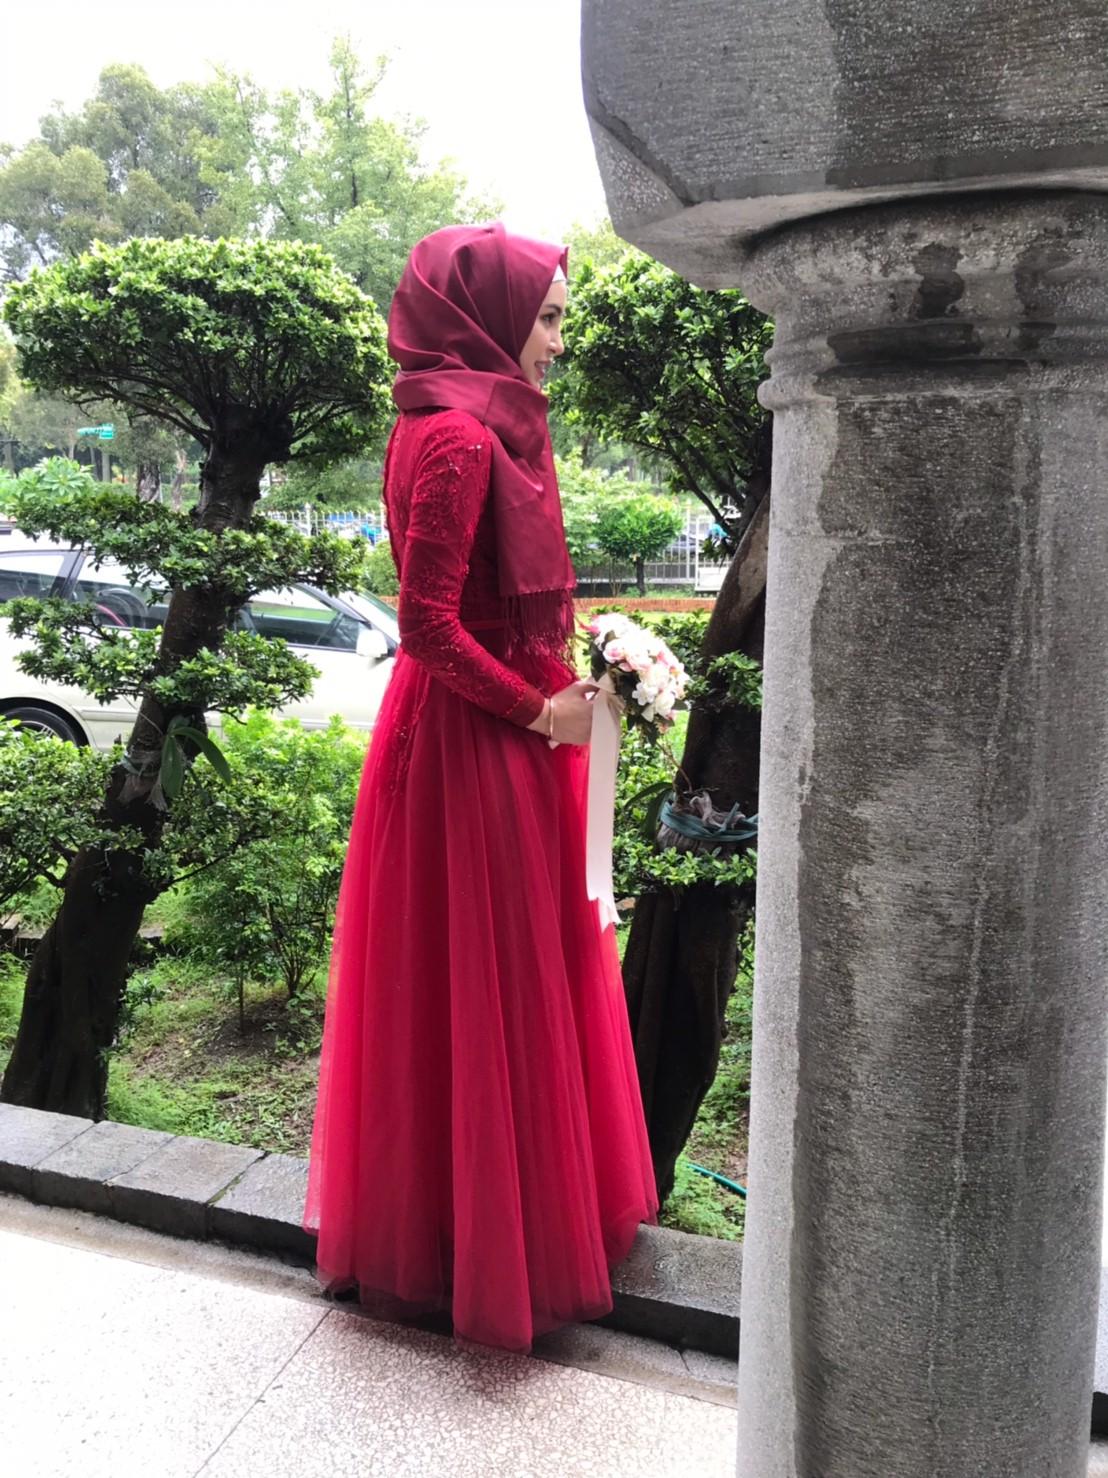 092119參訪清真寺、笑的藝術_191004_0053.jpg